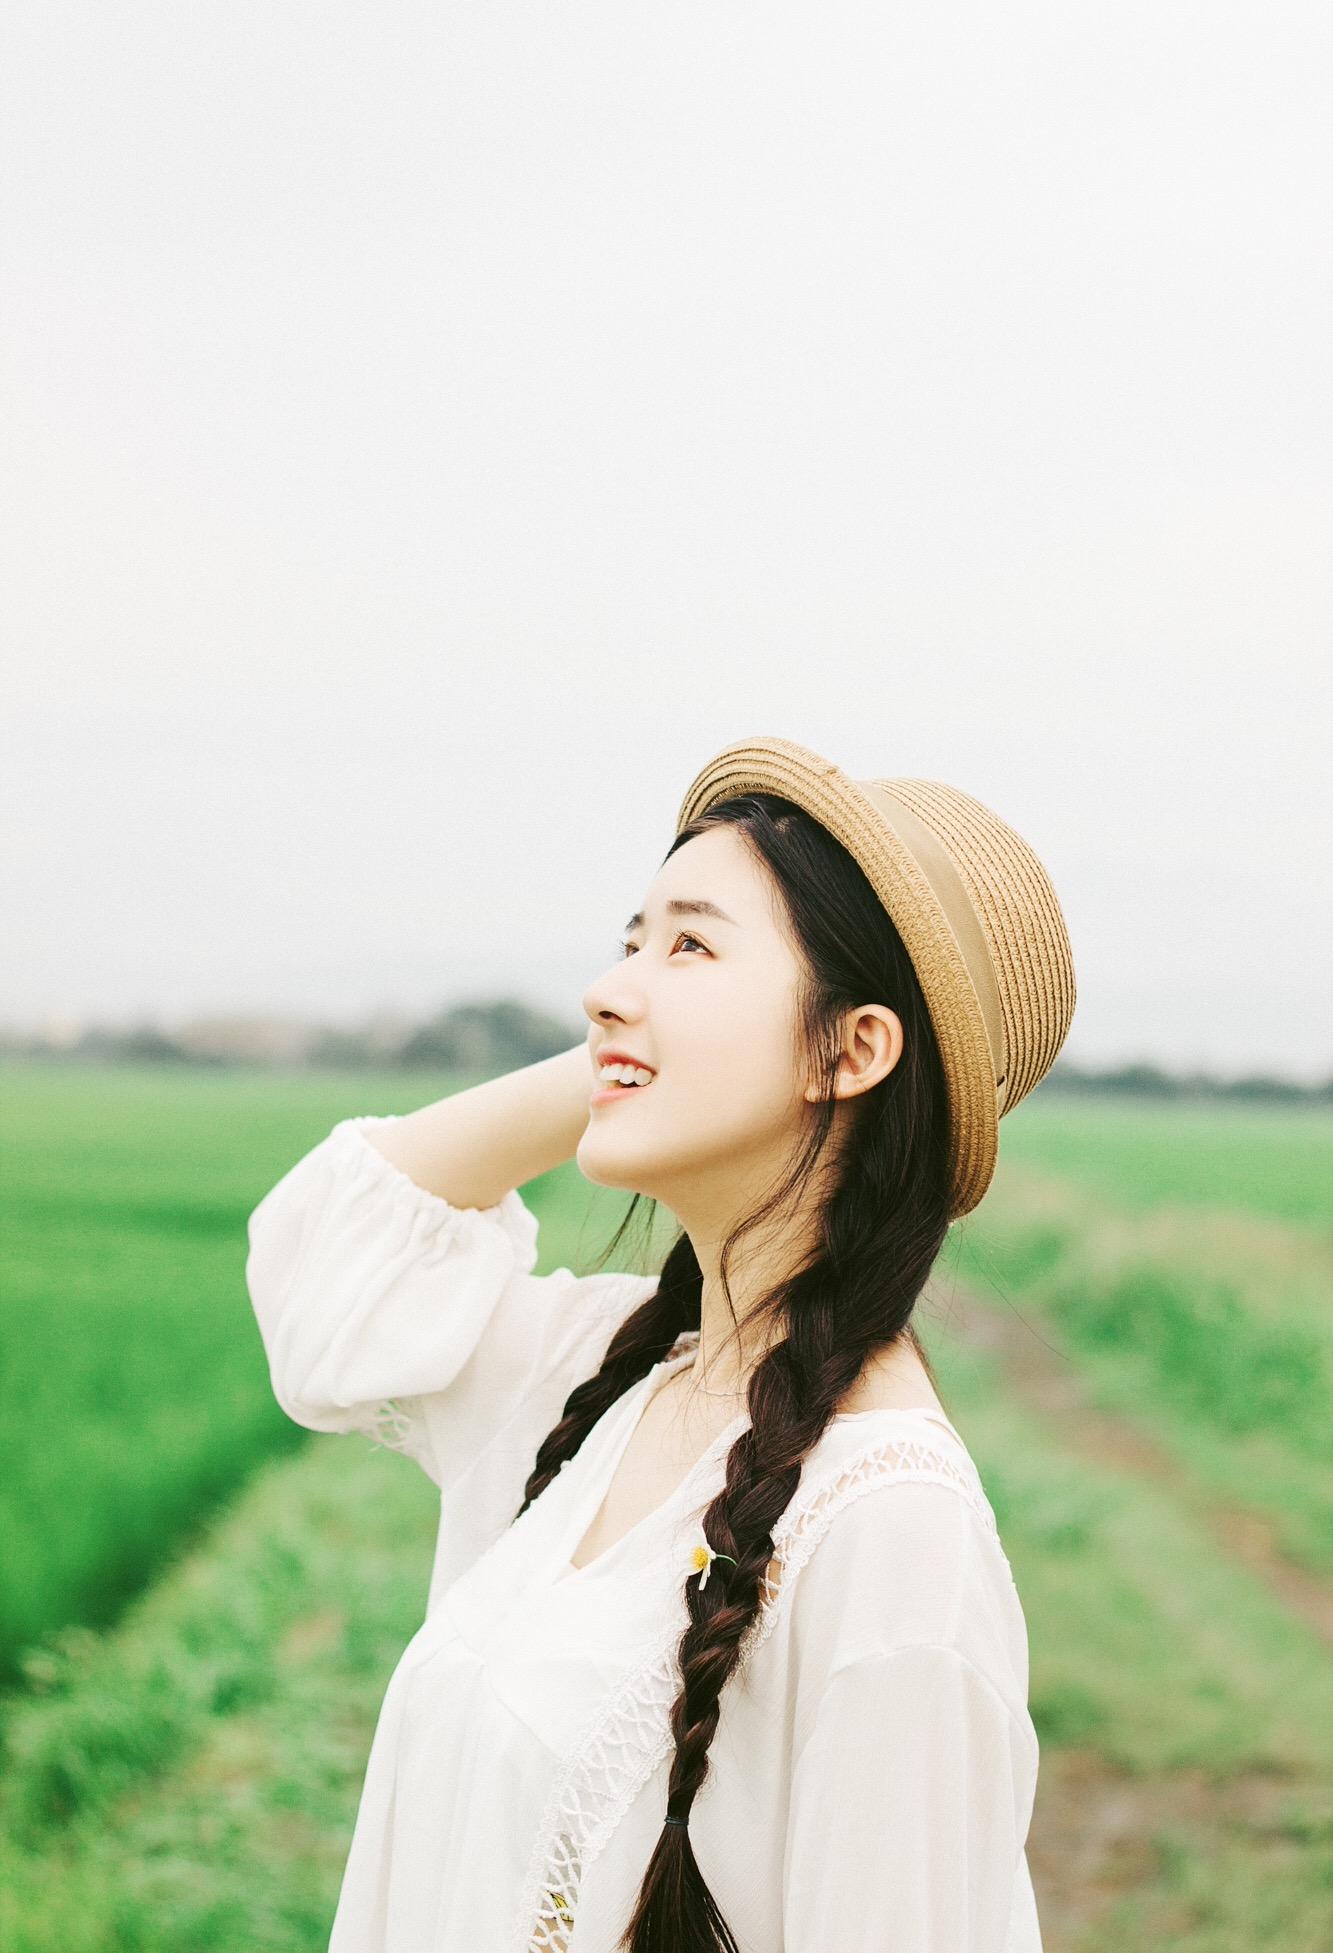 Cô bạn Trung Quốc với vẻ đẹp được ví như nắng sớm khiến người ta nhớ mãi không quên - Ảnh 2.